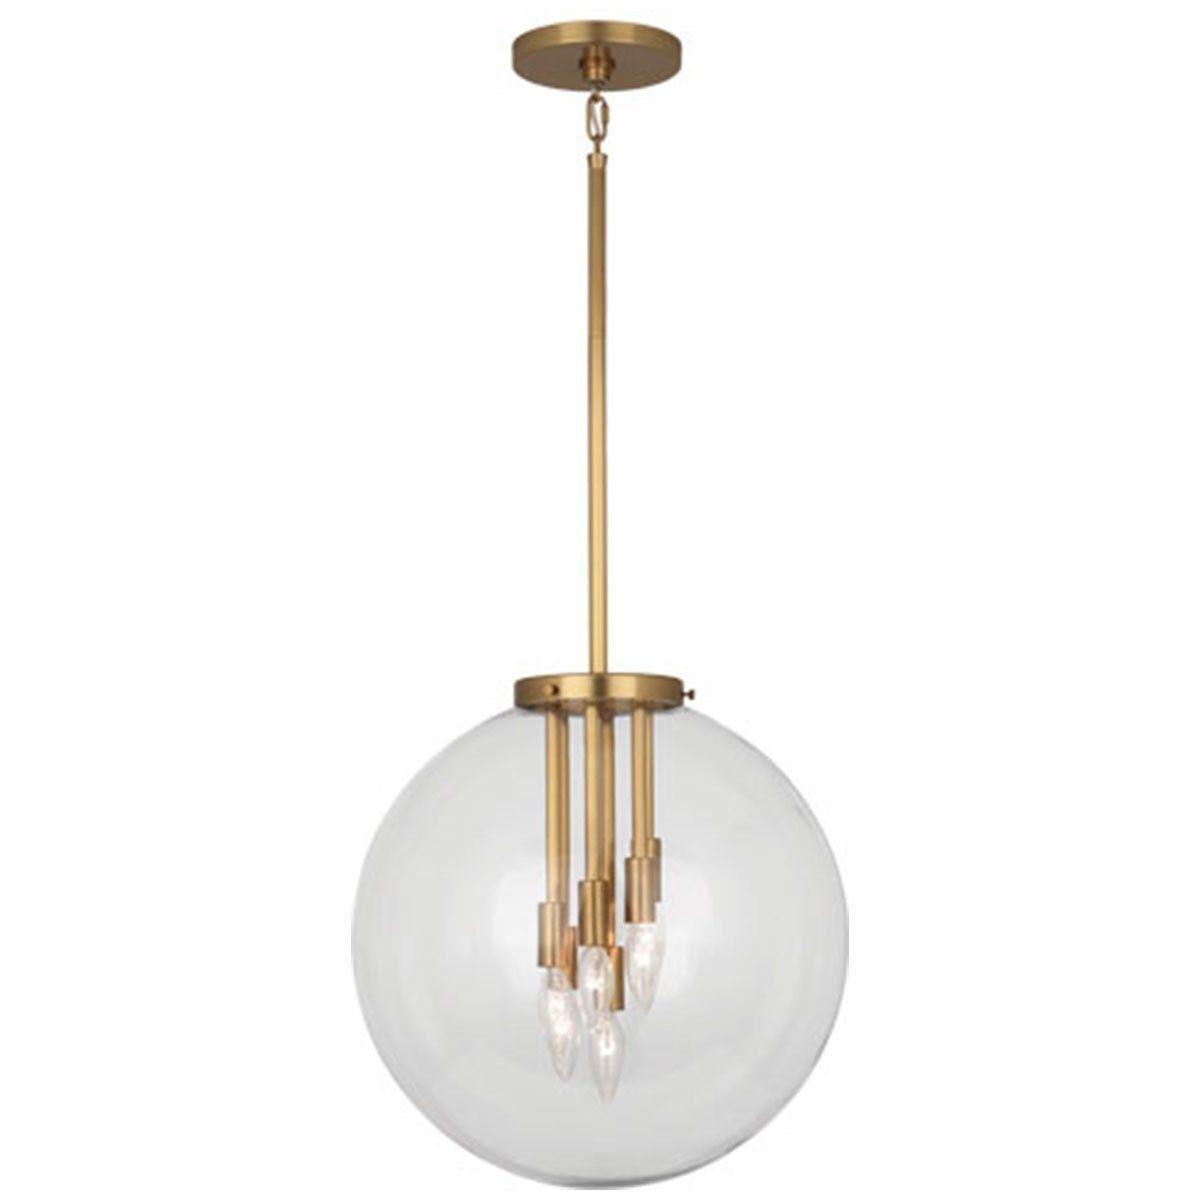 Robert Abbey 2433 Zoltar 6 Light Pendant in Antique Brass